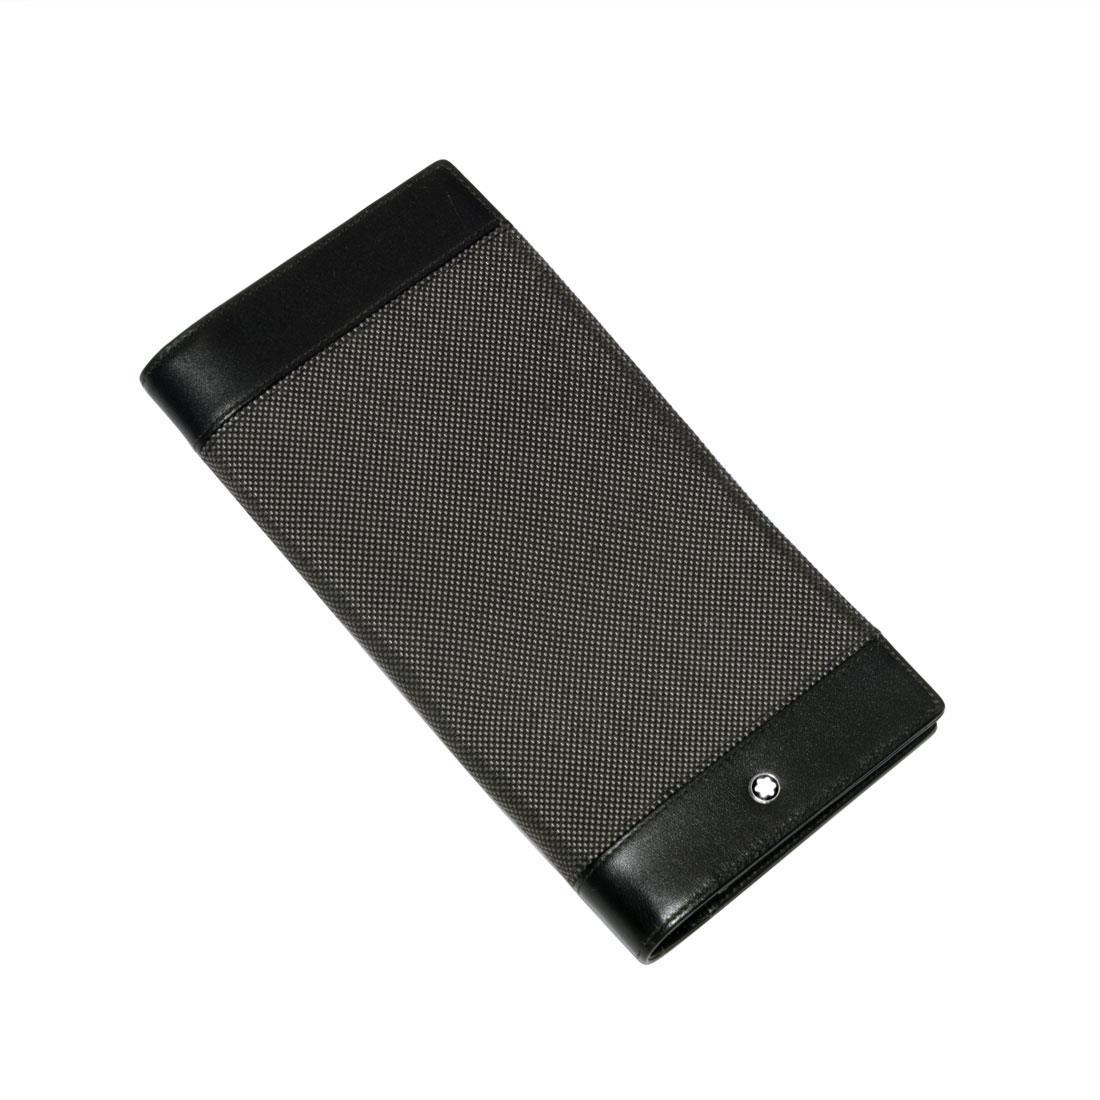 Portafoglio nero in pelle, misura 19 cm di larghezza X 10 cm di lunghezza e 2 cm di profondità - MONTBLANC